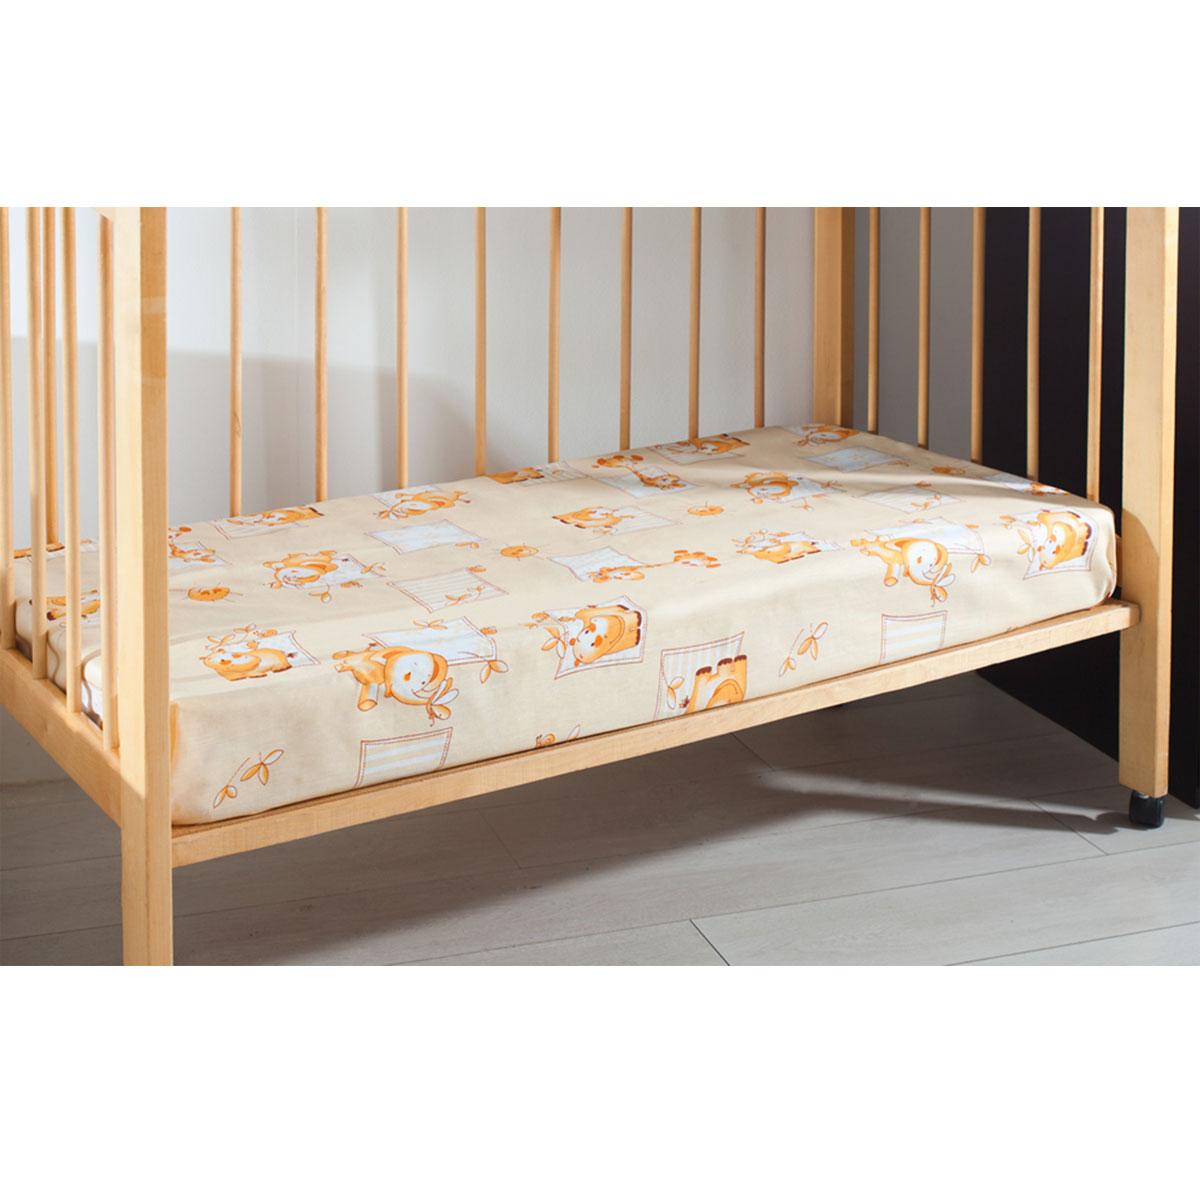 Простыня детская Primavelle, цвет: бежевый, 120 см х 180 см11461210-10Мягкая простыня на резинке Primavelle идеально подойдет для кроваткивашего малыша и обеспечит ему здоровый сон. Она изготовлена из натурального100% хлопка, дарящего малышу непревзойденную мягкость. Подарите вашему малышу комфорт и удобство!